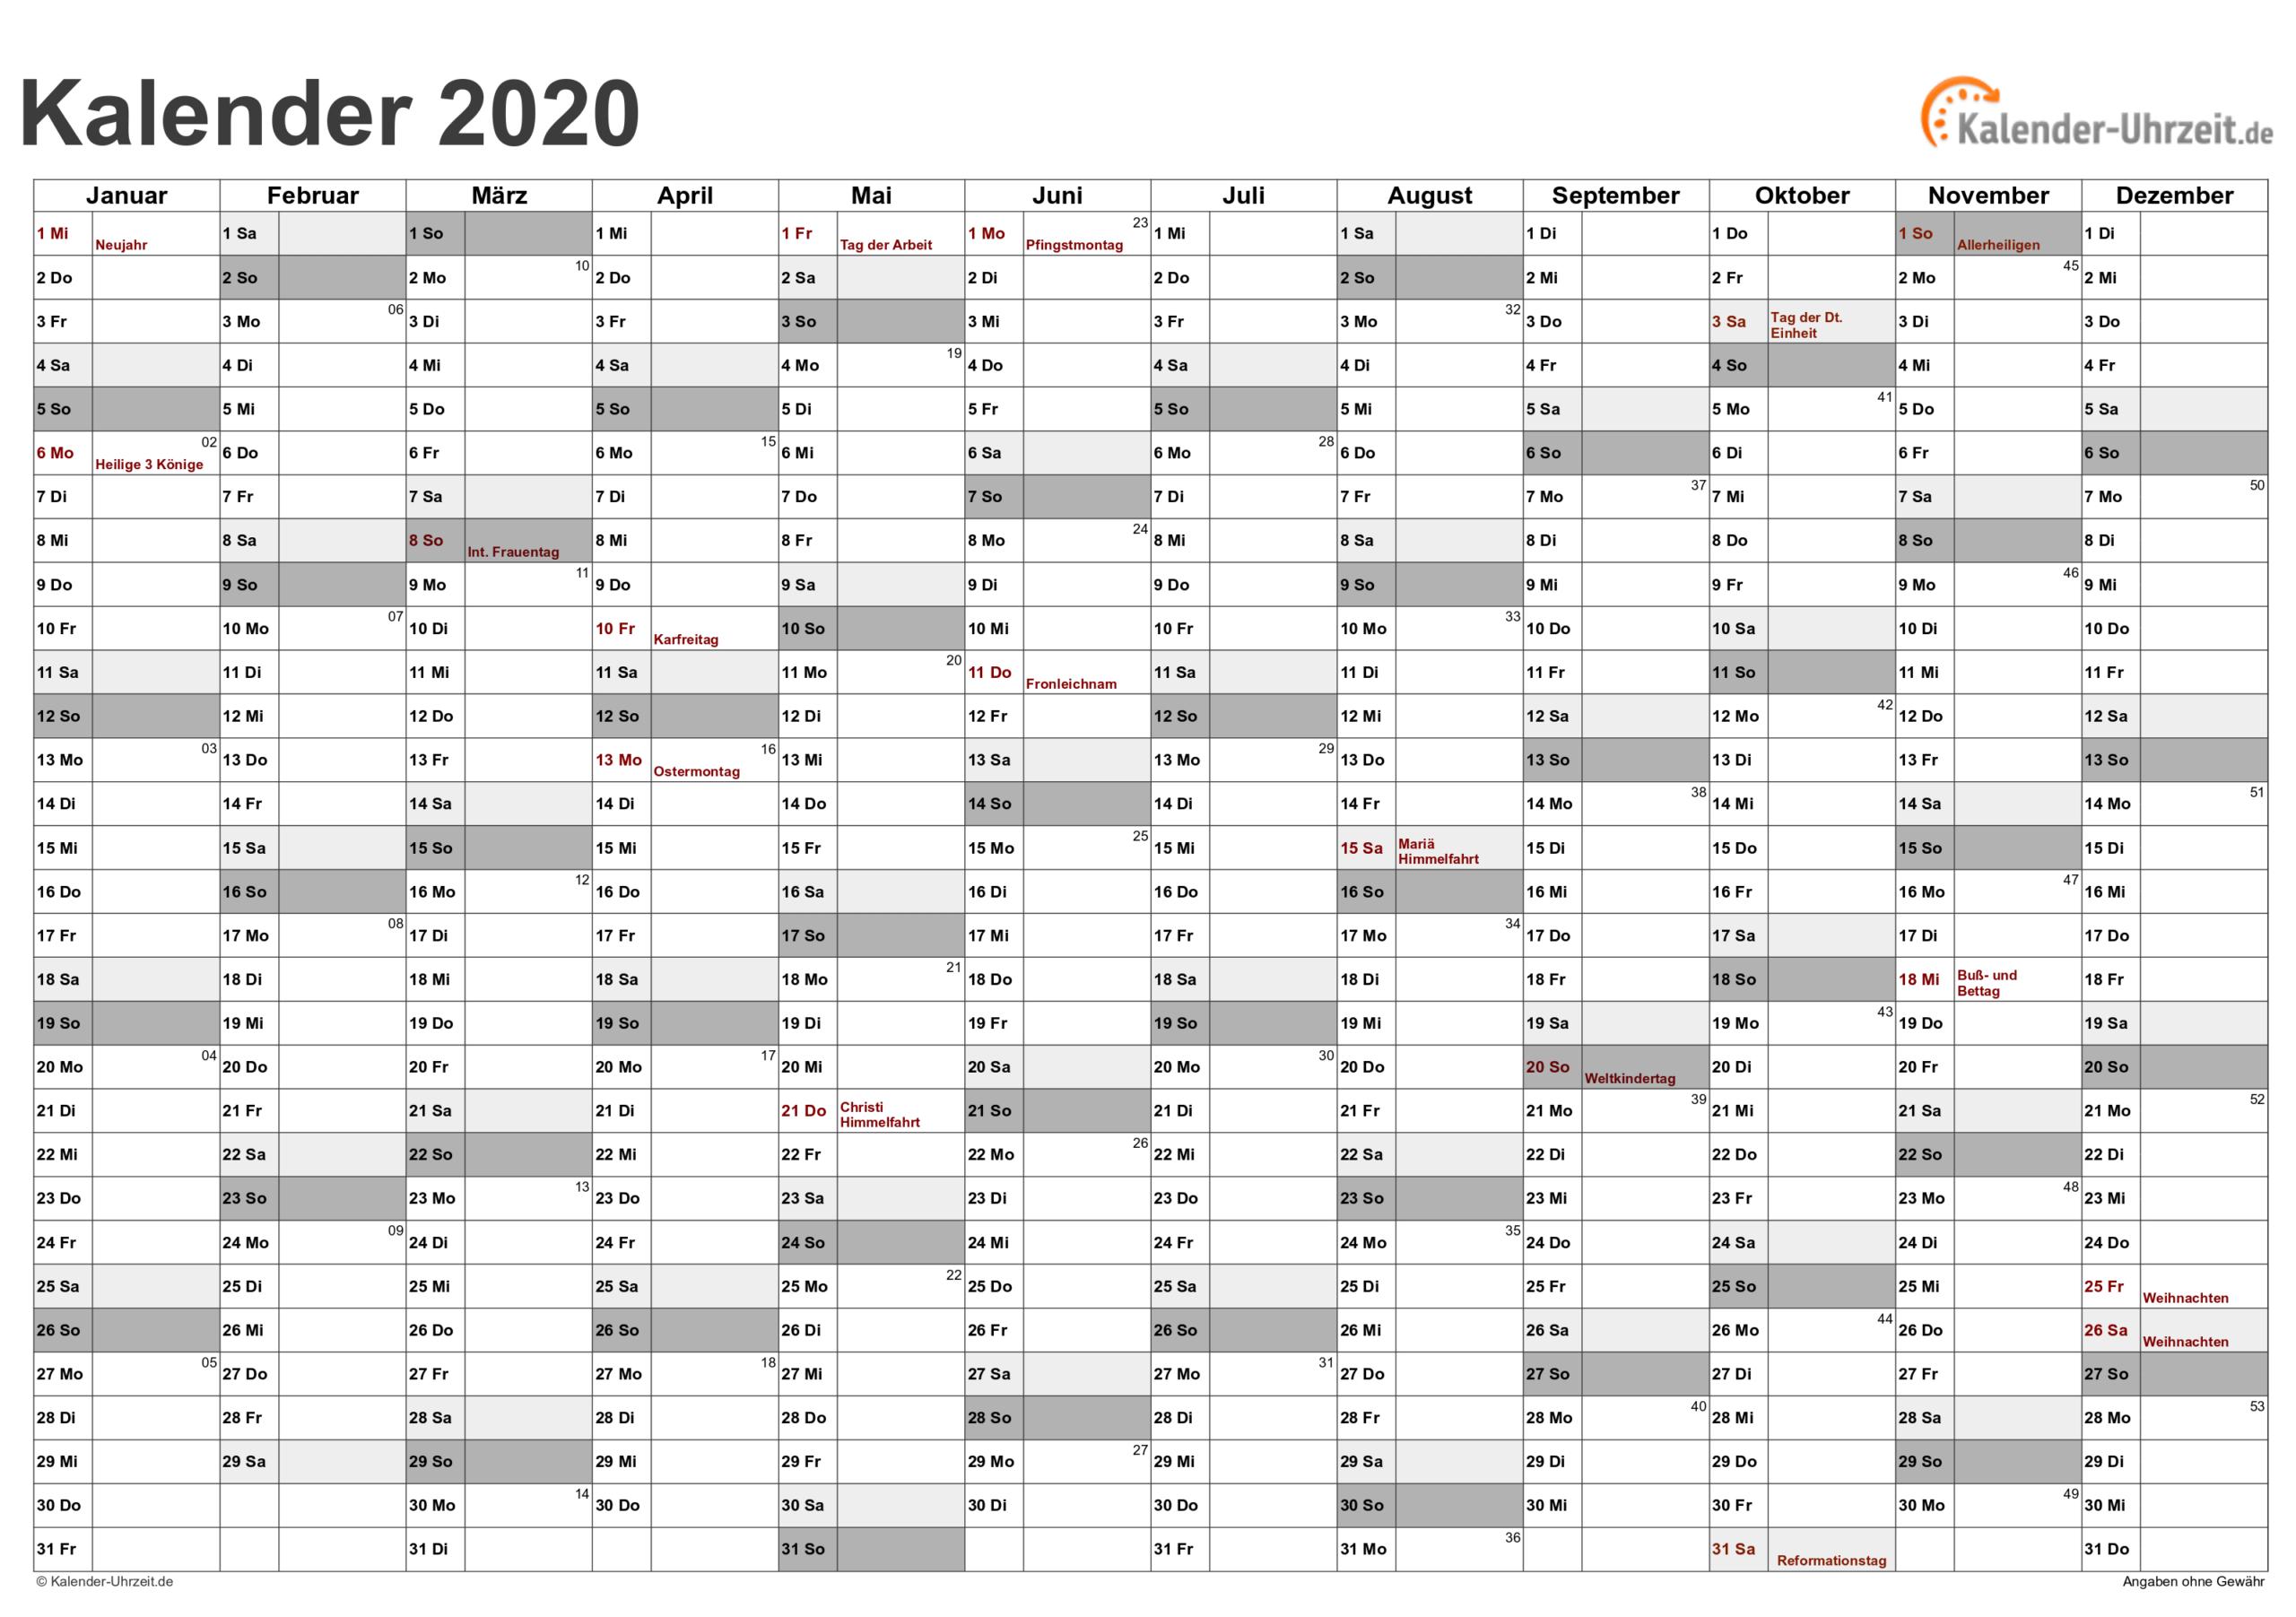 Kalenderblatt 2021 Nrw - Kalender 2020 Zum Ausdrucken  Jahreskalenderblatt 2021 Zum Ausdrucken